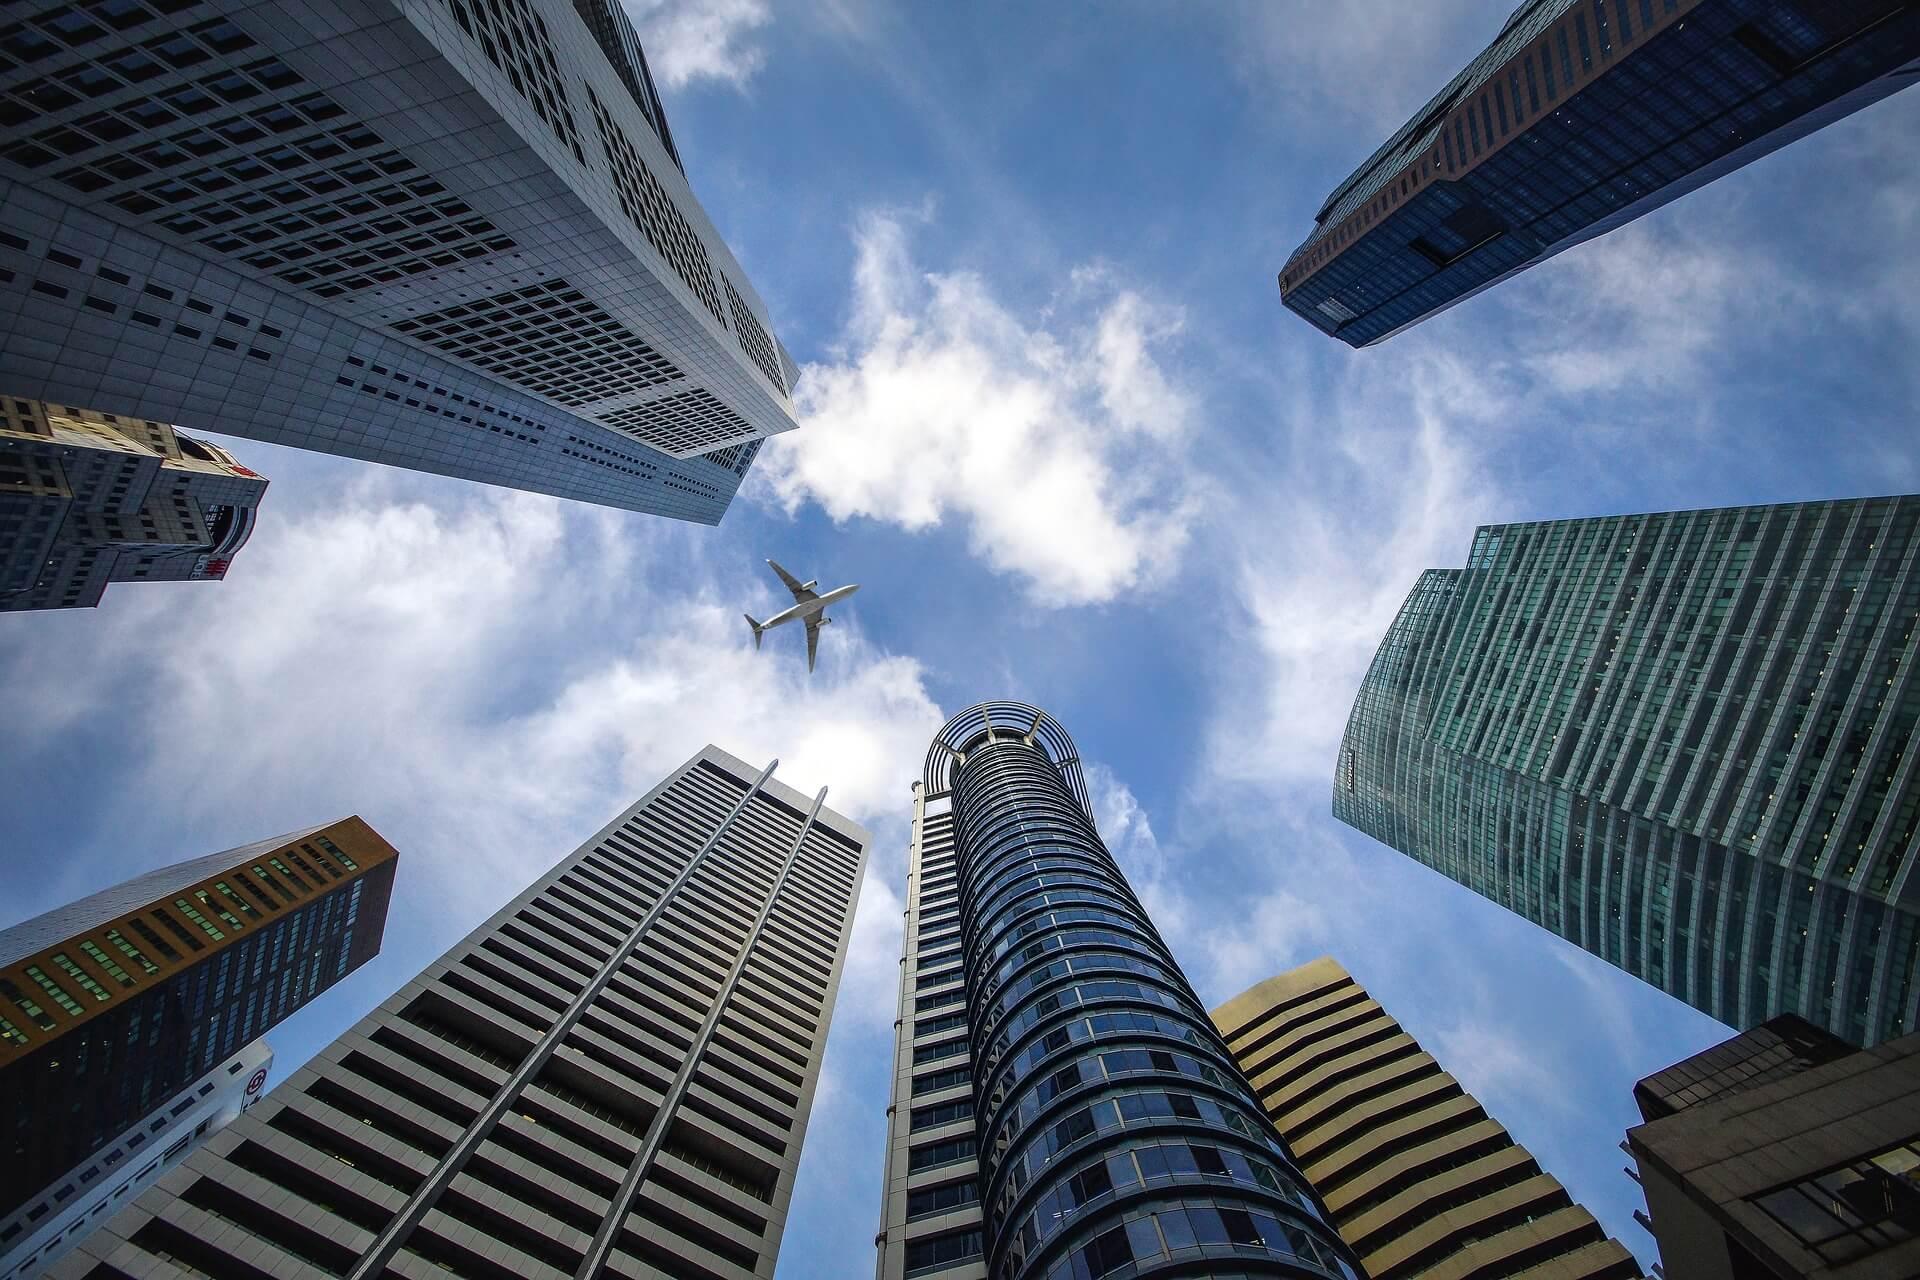 金融機関風の街並み